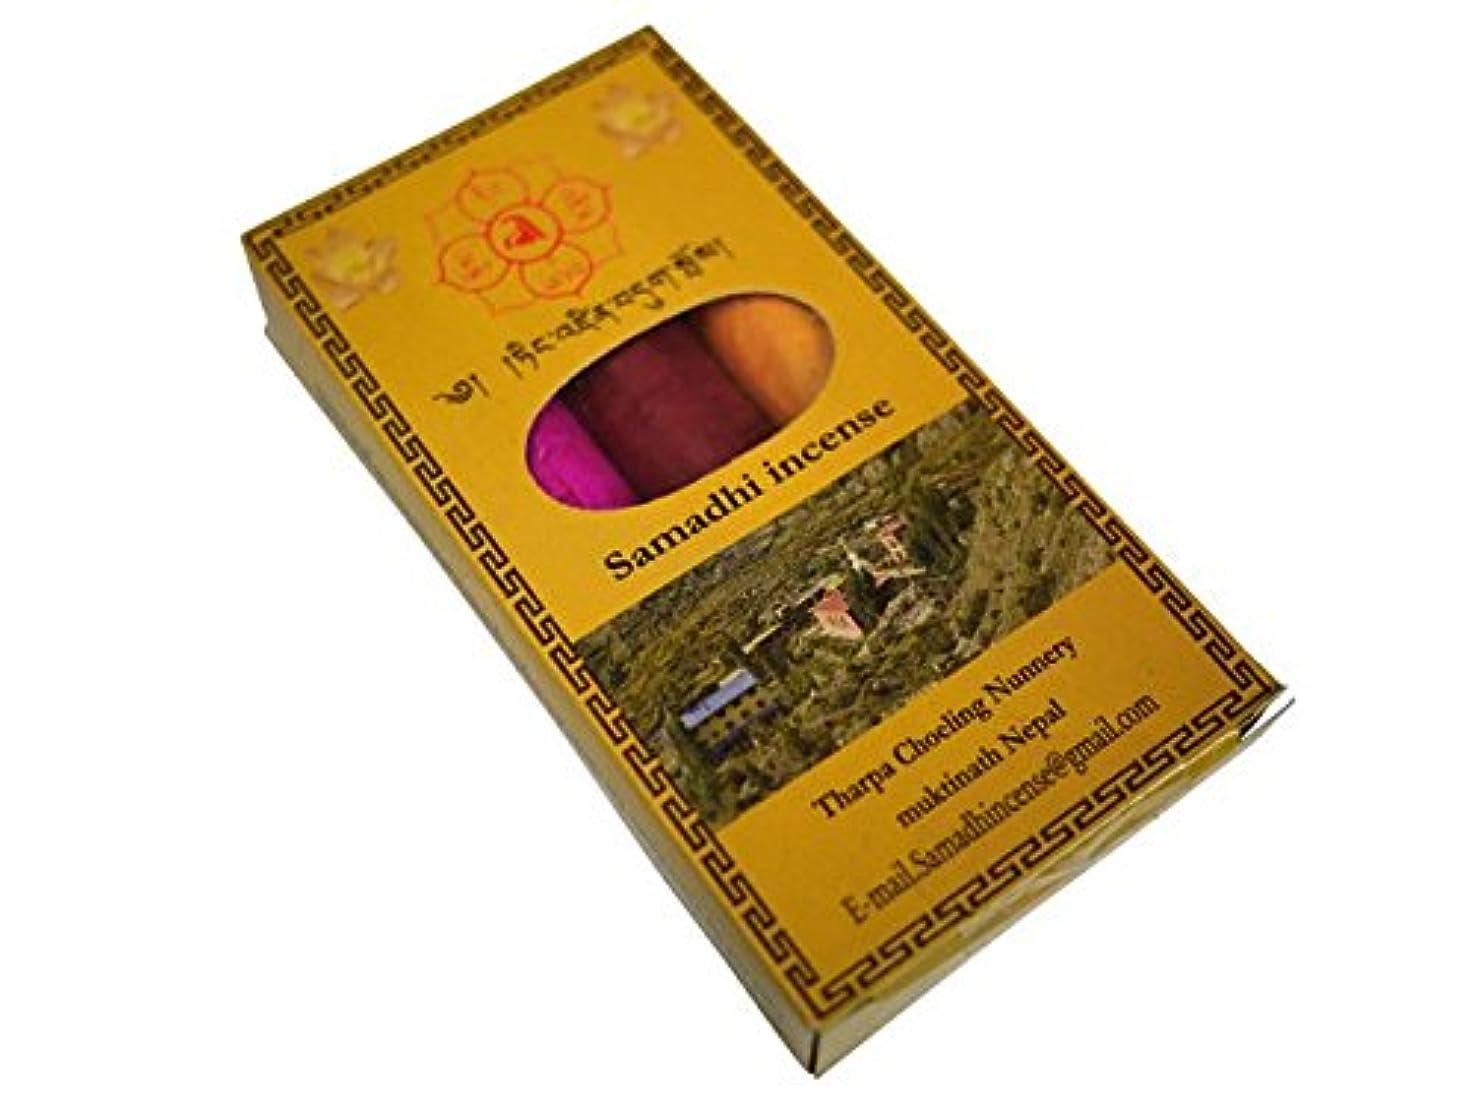 反逆者最大化する悪性タルパチョリンナニー チベット仏教寺院タルパチョリンナニーのお香【Samadhi3in1】